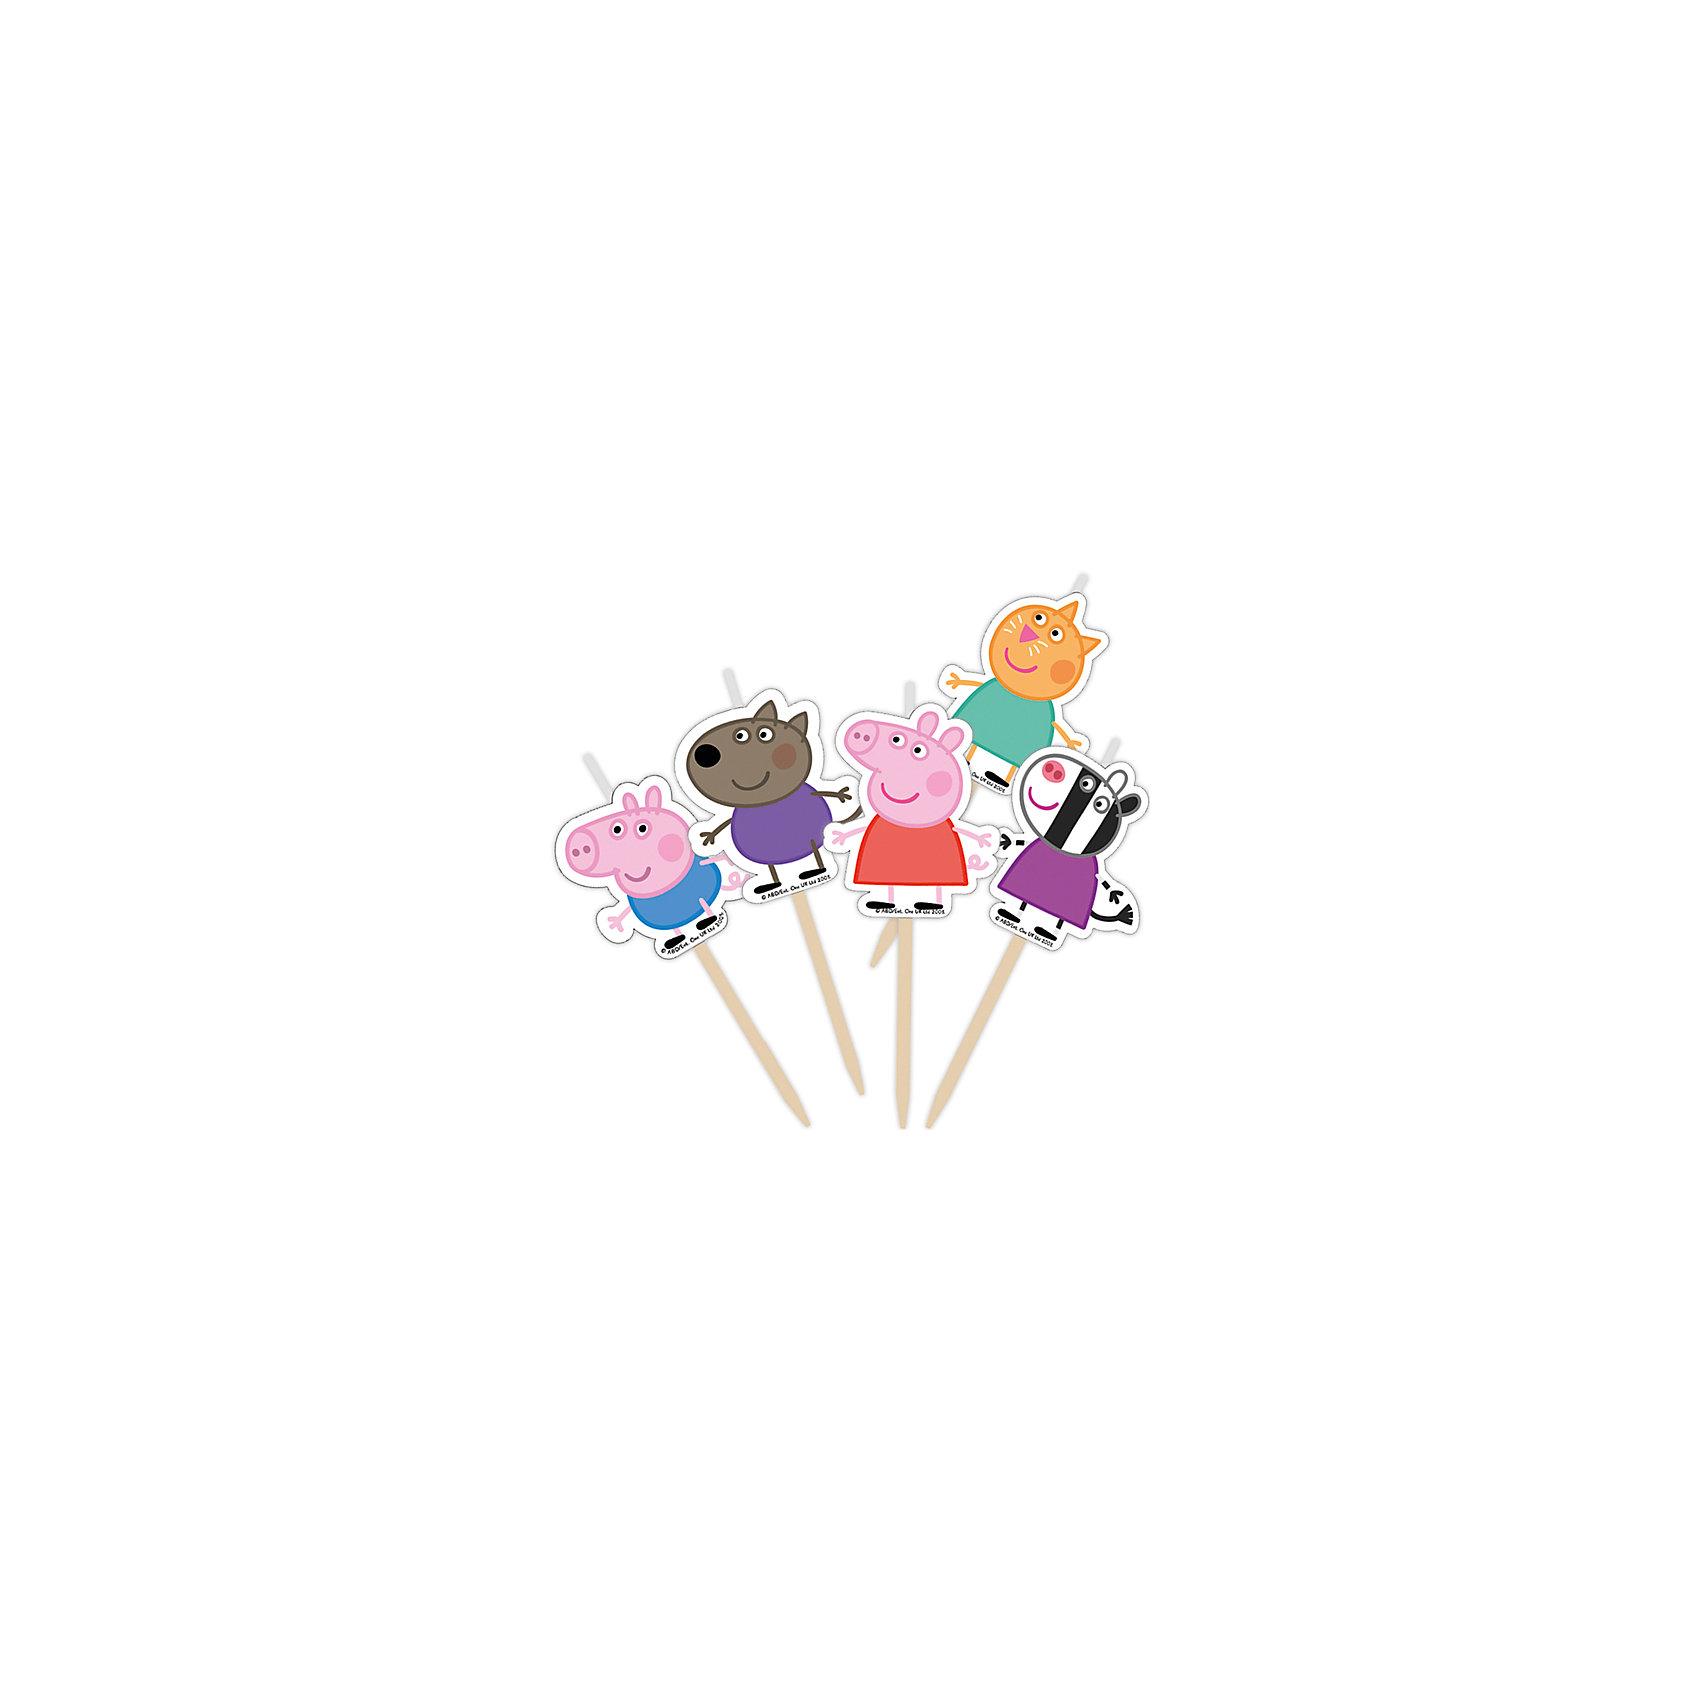 Набор свечей Пеппа и друзья на палочках (5 шт)Набор свечей Пеппа и друзья на палочках (5 шт) - этот оригинальный набор создаст волшебную атмосферу на любимом детском празднике.<br>Что может быть лучше на День Рождения, чем вкусный торт с яркими свечами? Особенно если в центре красуется любимый персонаж. Забавные зверушки из мультфильма «Свинка Пеппа» обязательно порадует именинника и поднимет настроение всем гостям.<br><br>Дополнительная информация:<br><br>- В наборе: 5 фигурных свечей с деревянными держателями<br>- Высота свечей без держателей: 2,8-3,4 см.<br>- Ширина свечей: 2,8-3 см.<br><br>Набор свечей Пеппа и друзья на палочках (5 шт) можно купить в нашем интернет-магазине.<br><br>Ширина мм: 60<br>Глубина мм: 60<br>Высота мм: 10<br>Вес г: 80<br>Возраст от месяцев: 36<br>Возраст до месяцев: 84<br>Пол: Унисекс<br>Возраст: Детский<br>SKU: 4278341